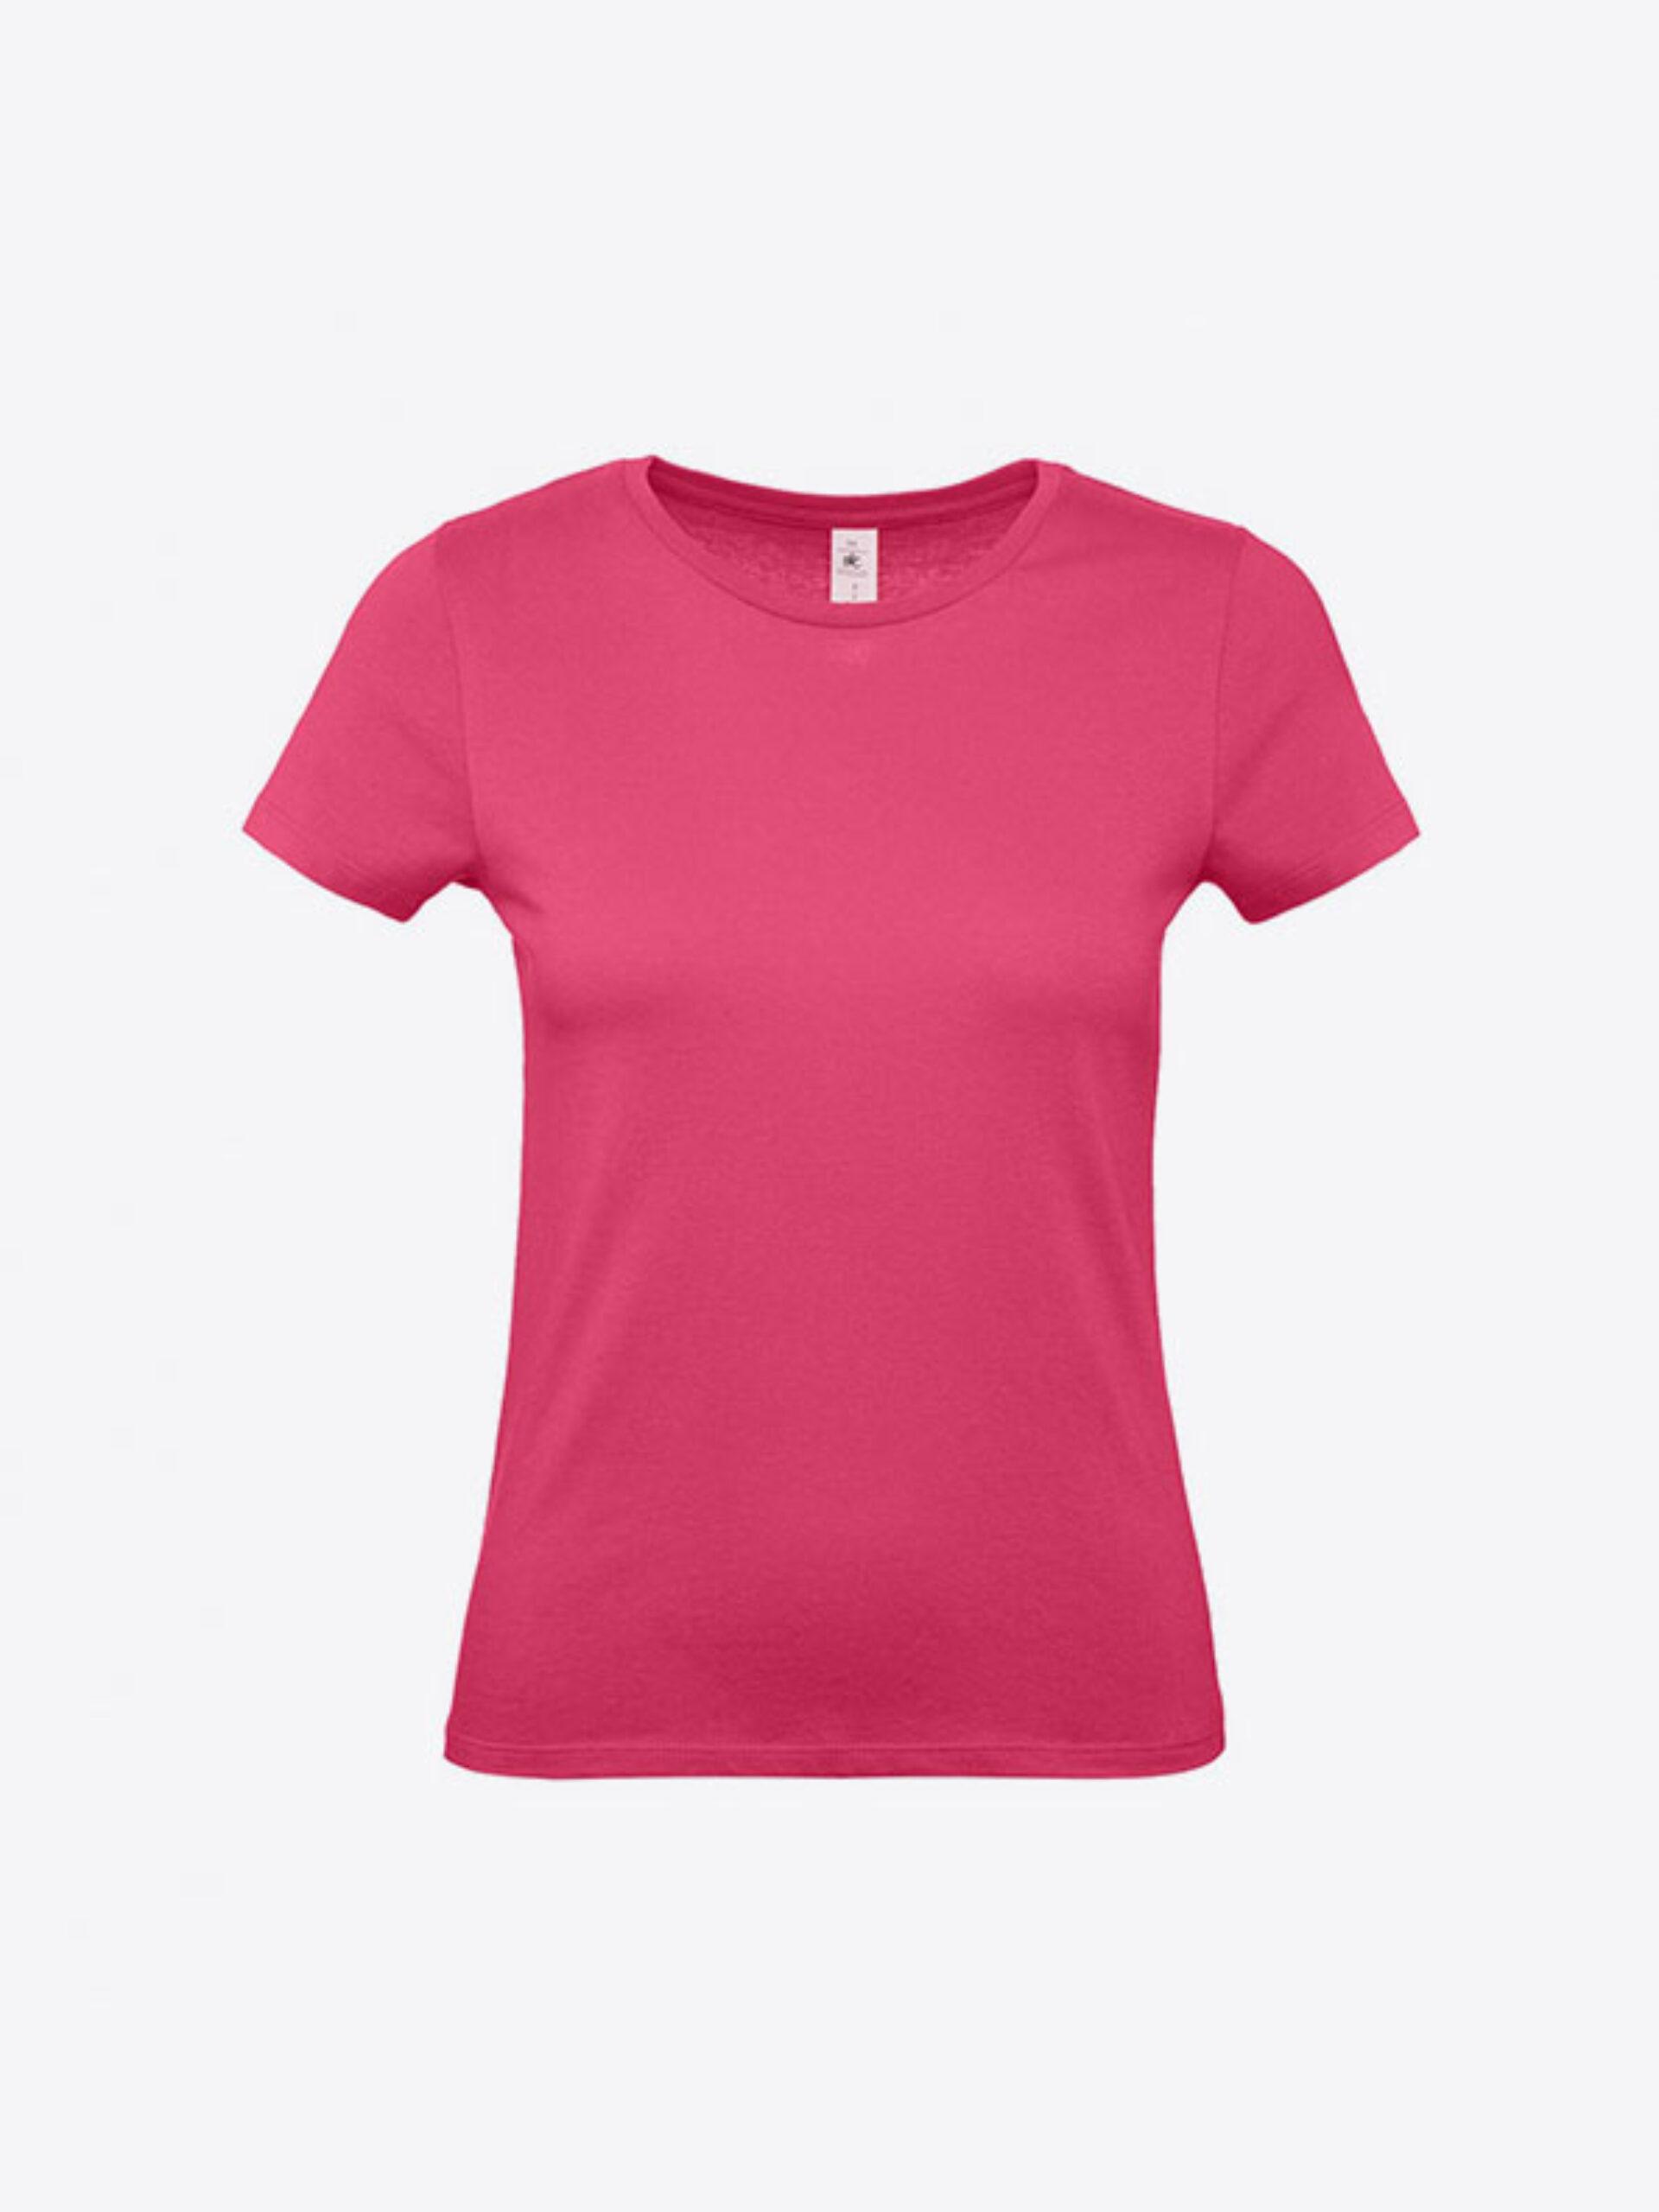 T Shirt B&C E150 Damen Budget Baumwolle Mit Logo Siebdruck Fuchsia